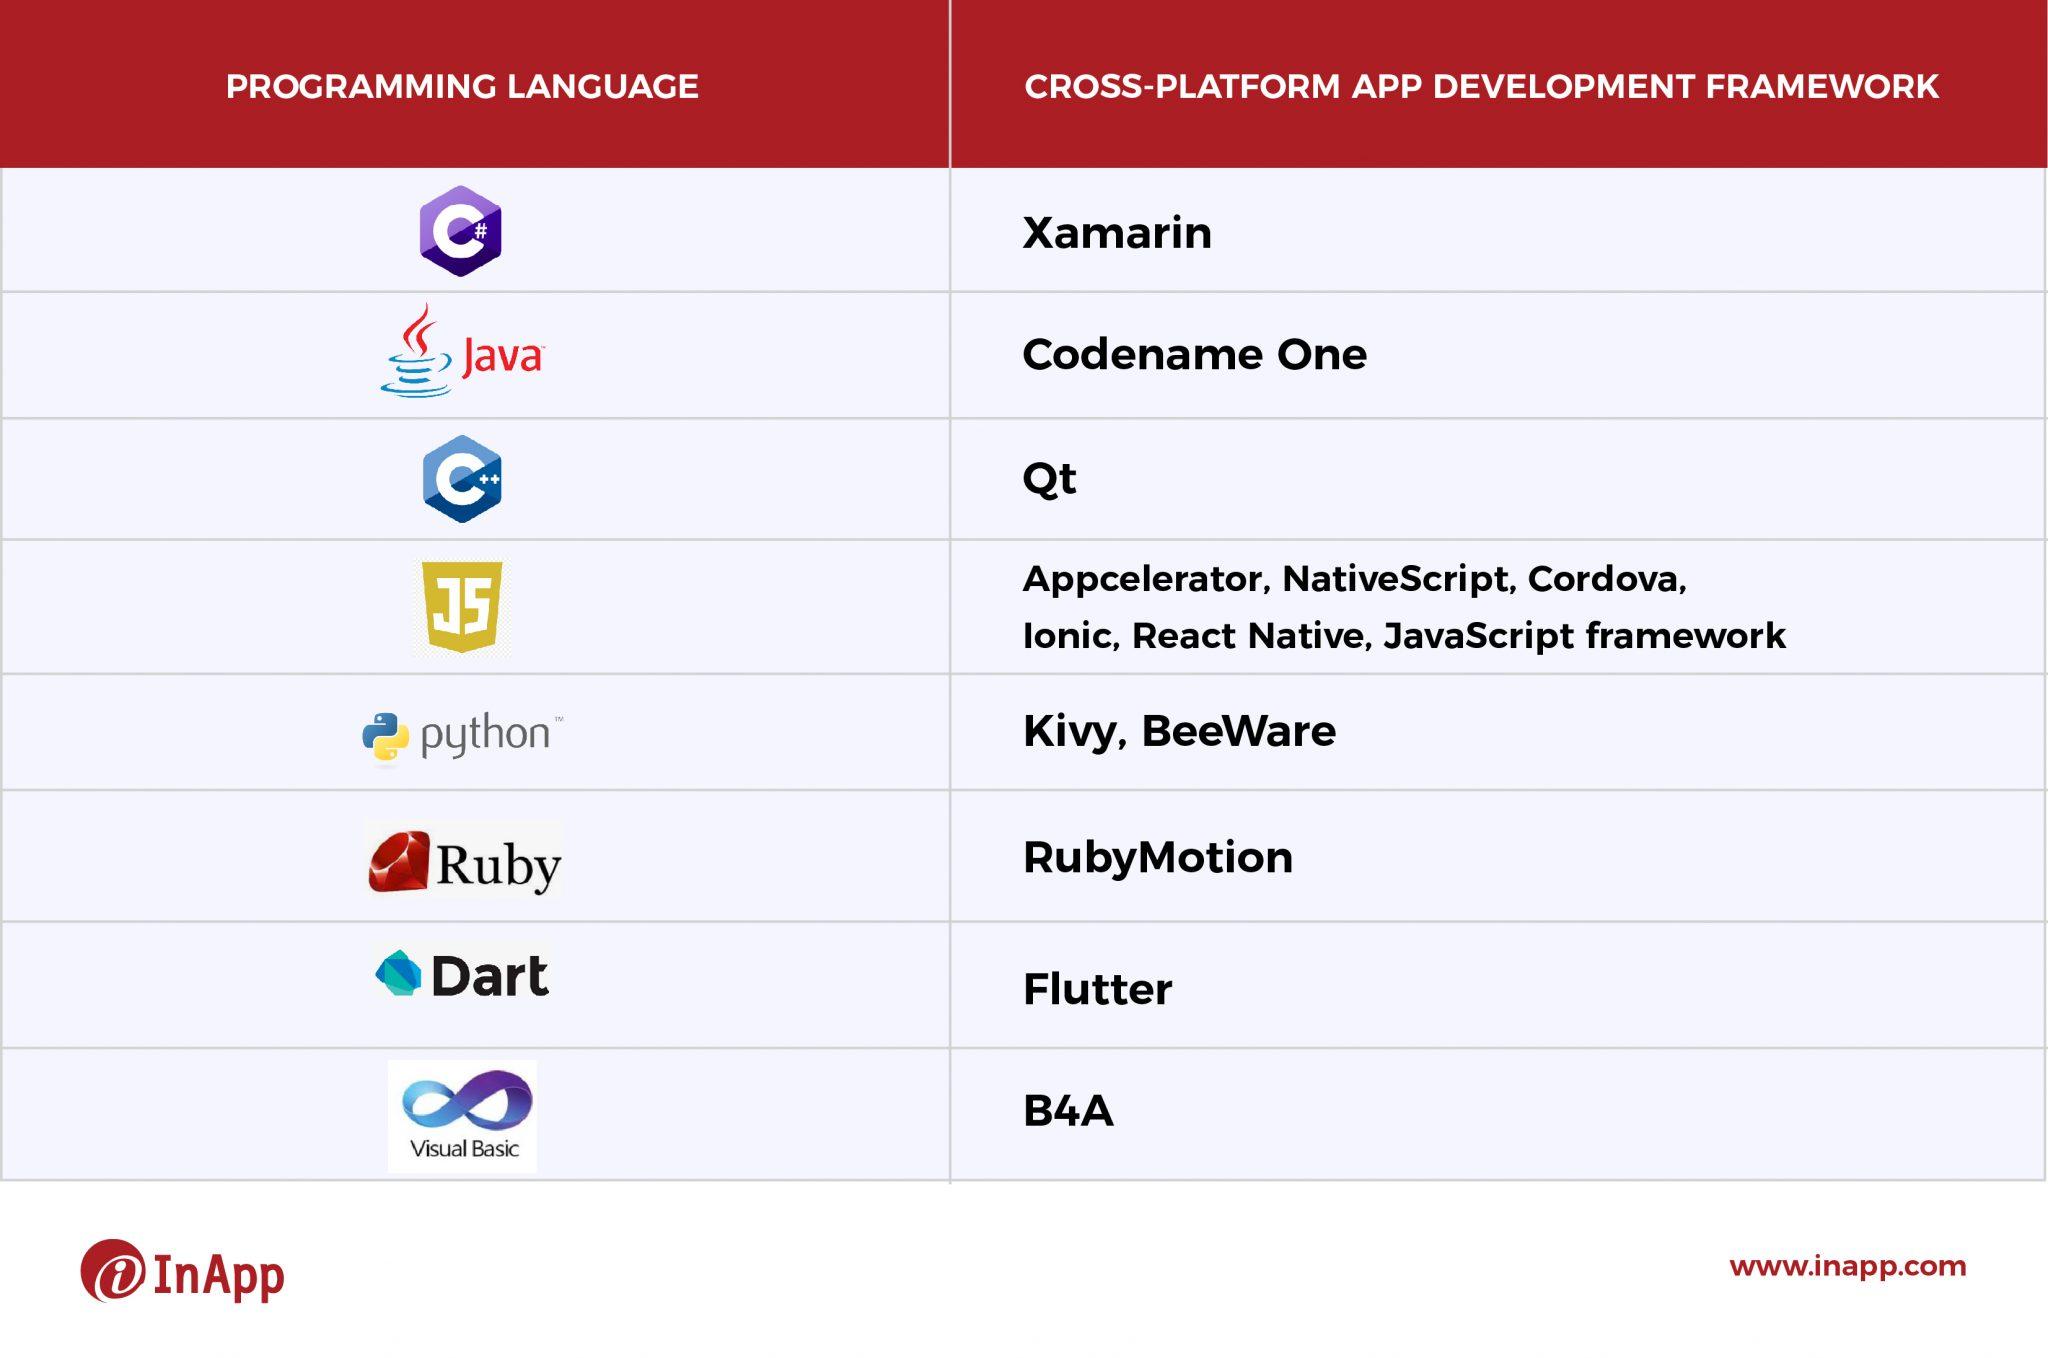 Top 5 Cross-Platform Mobile App Development Frameworks in 2021 Image